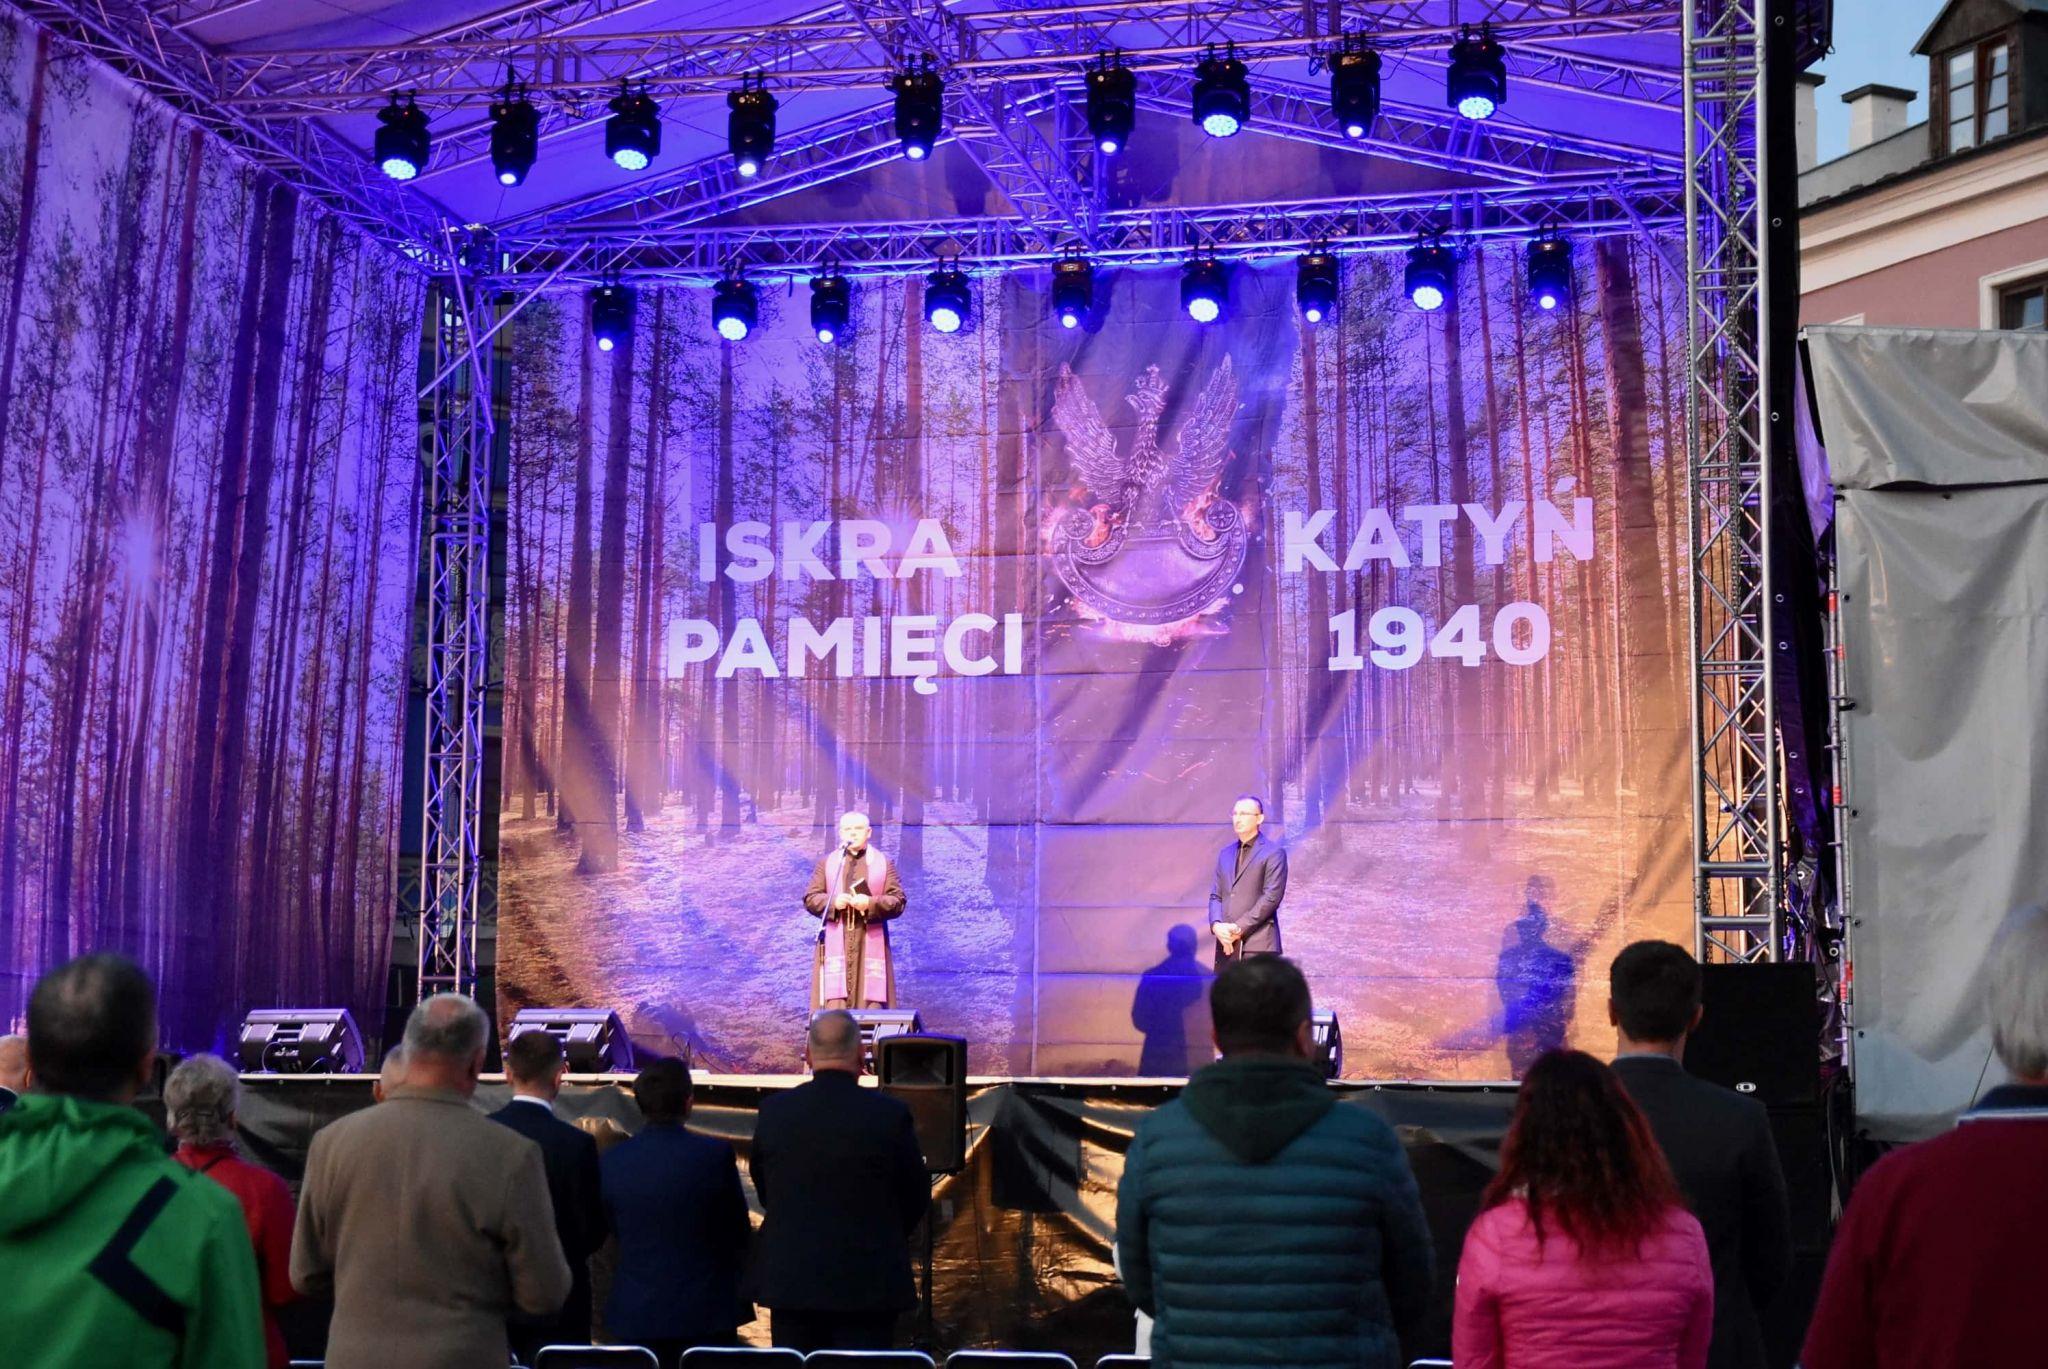 dsc 7546 Tyle zniczy ilu zamordowanych w Katyniu (dużo zdjęć)